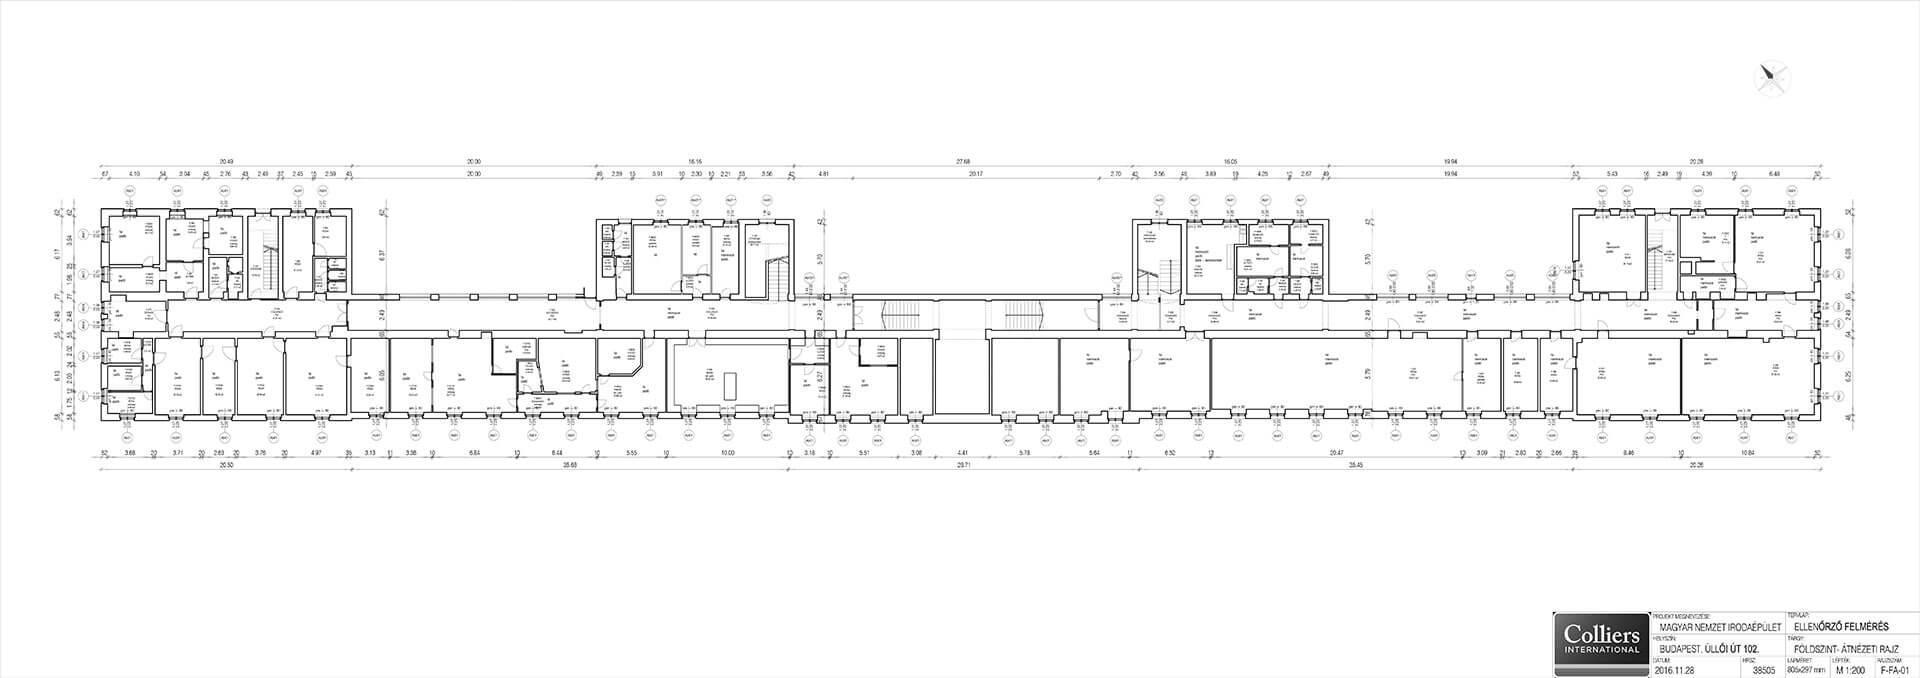 Alaprajz 1 épület földszint